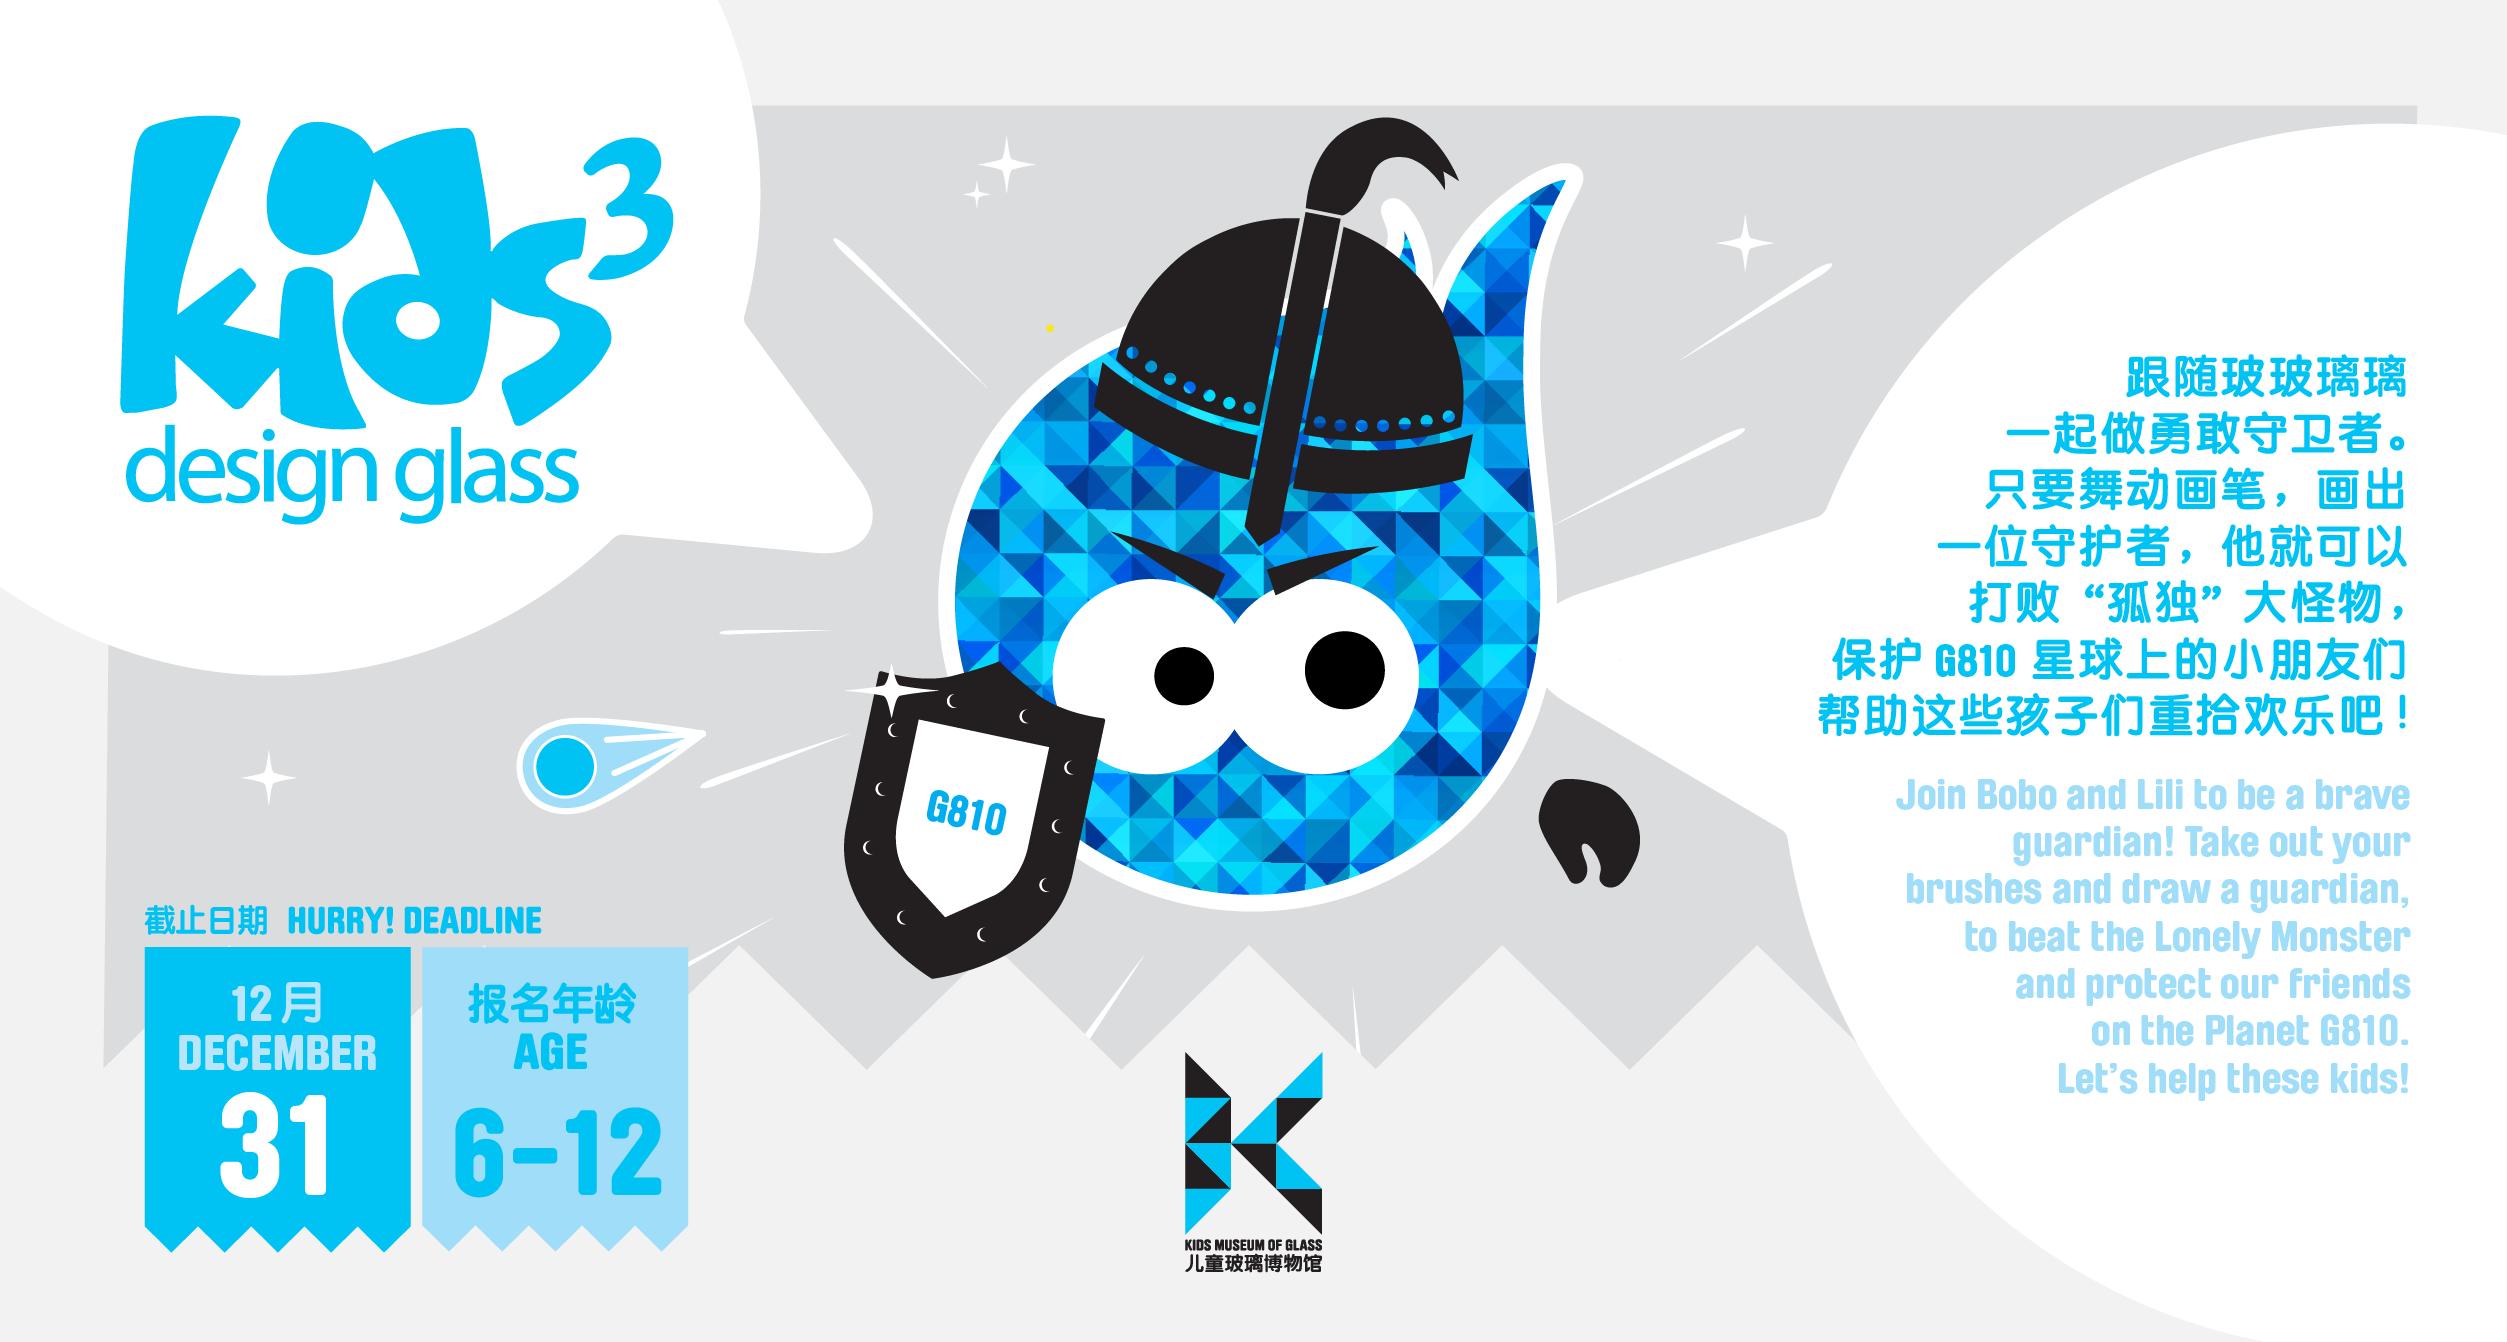 KDG3 – web_website-04